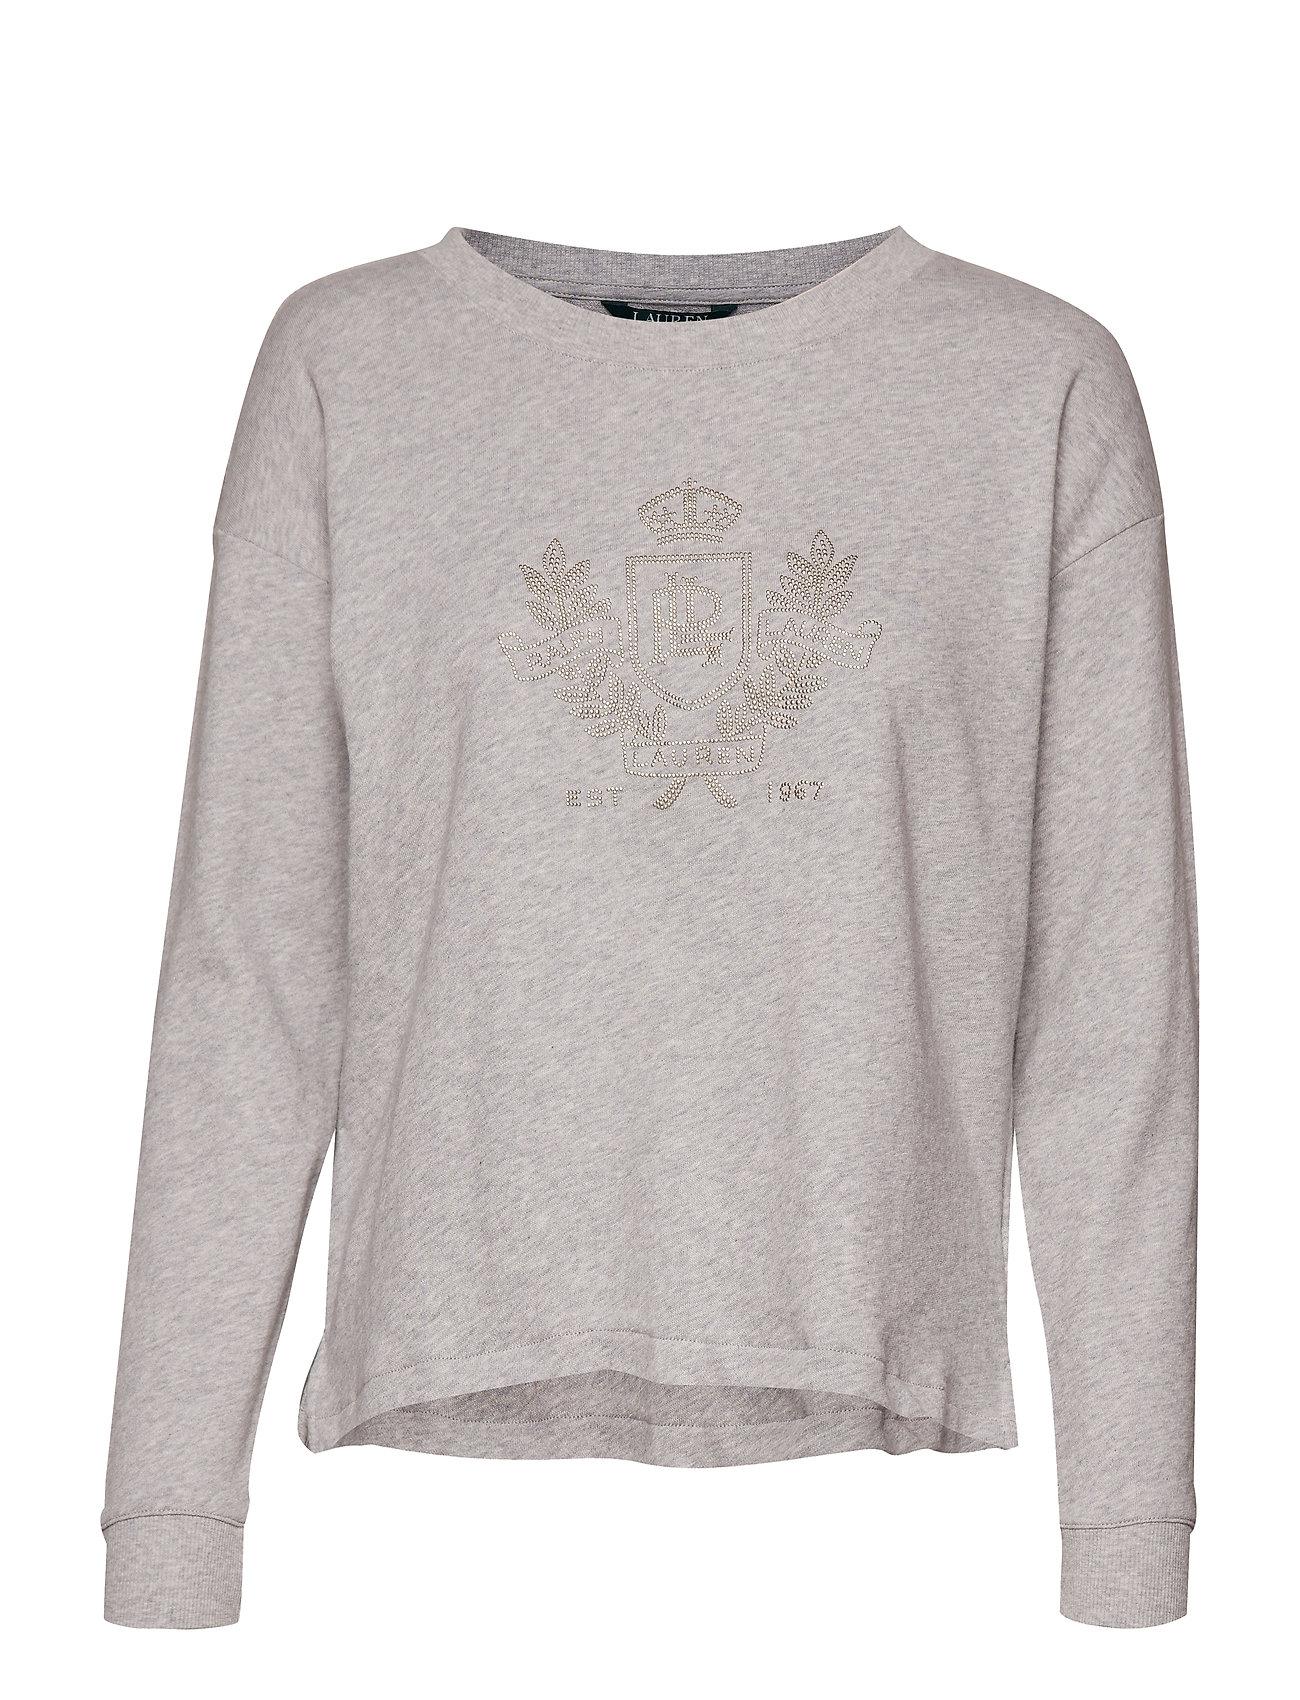 Lauren Ralph Lauren Logo French Terry Sweatshirt - PEARL GREY HEATHE